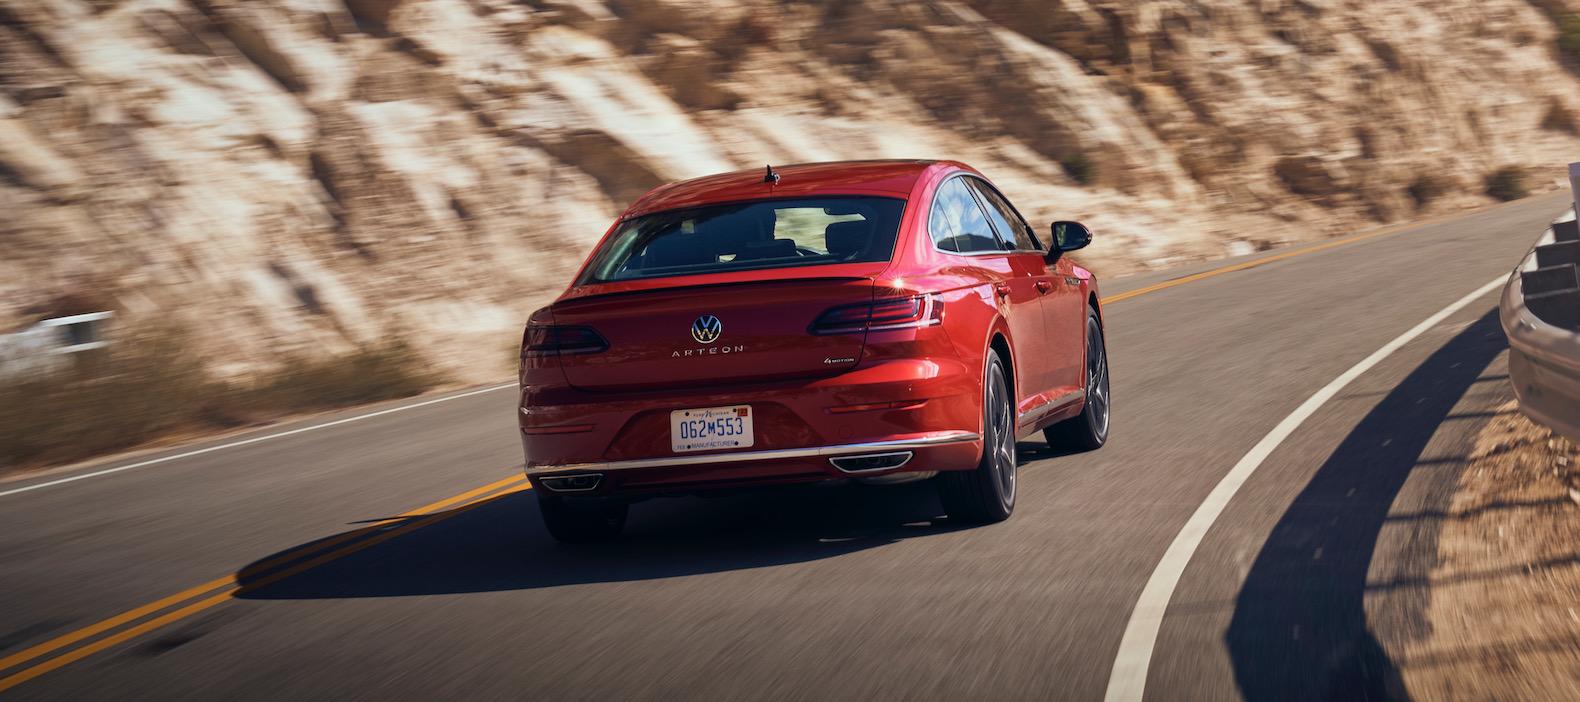 2021 Volkswagen Arteon Review